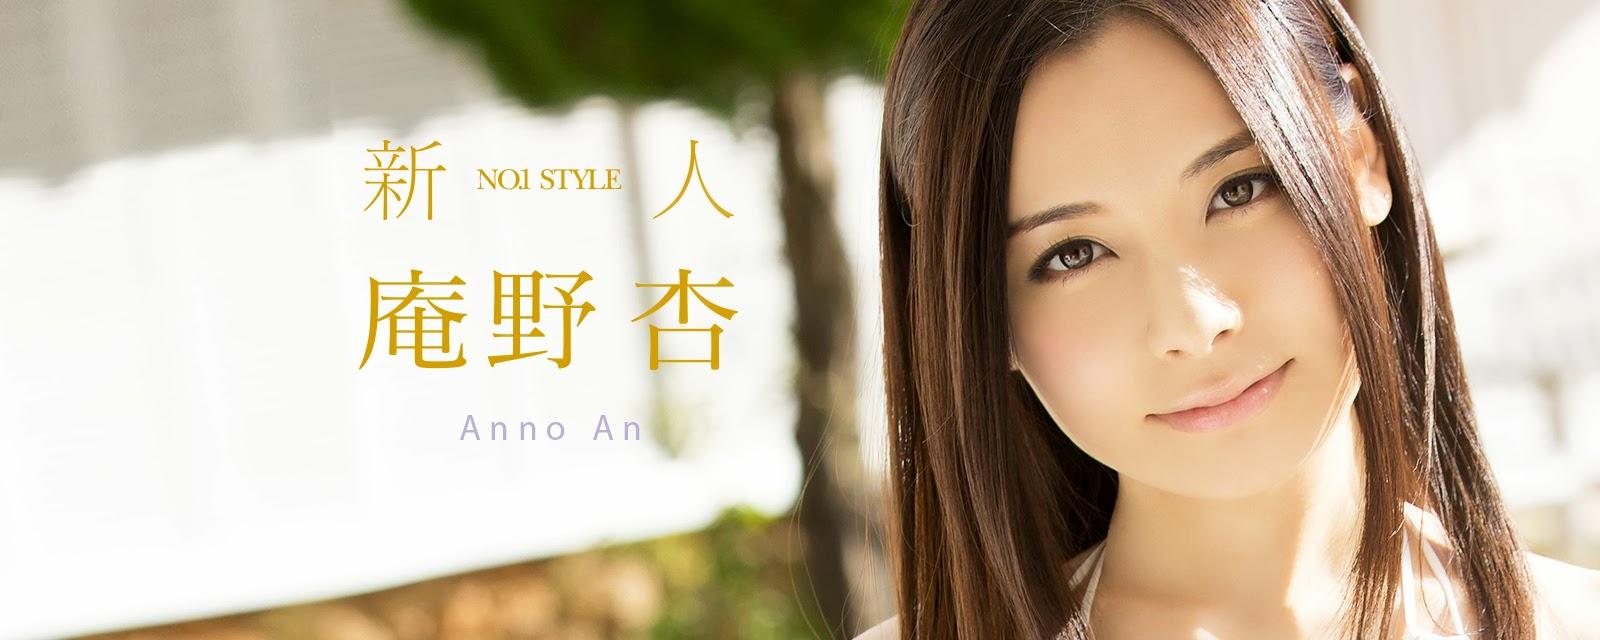 我想问下 在台湾的朋友 有用QQ的吗